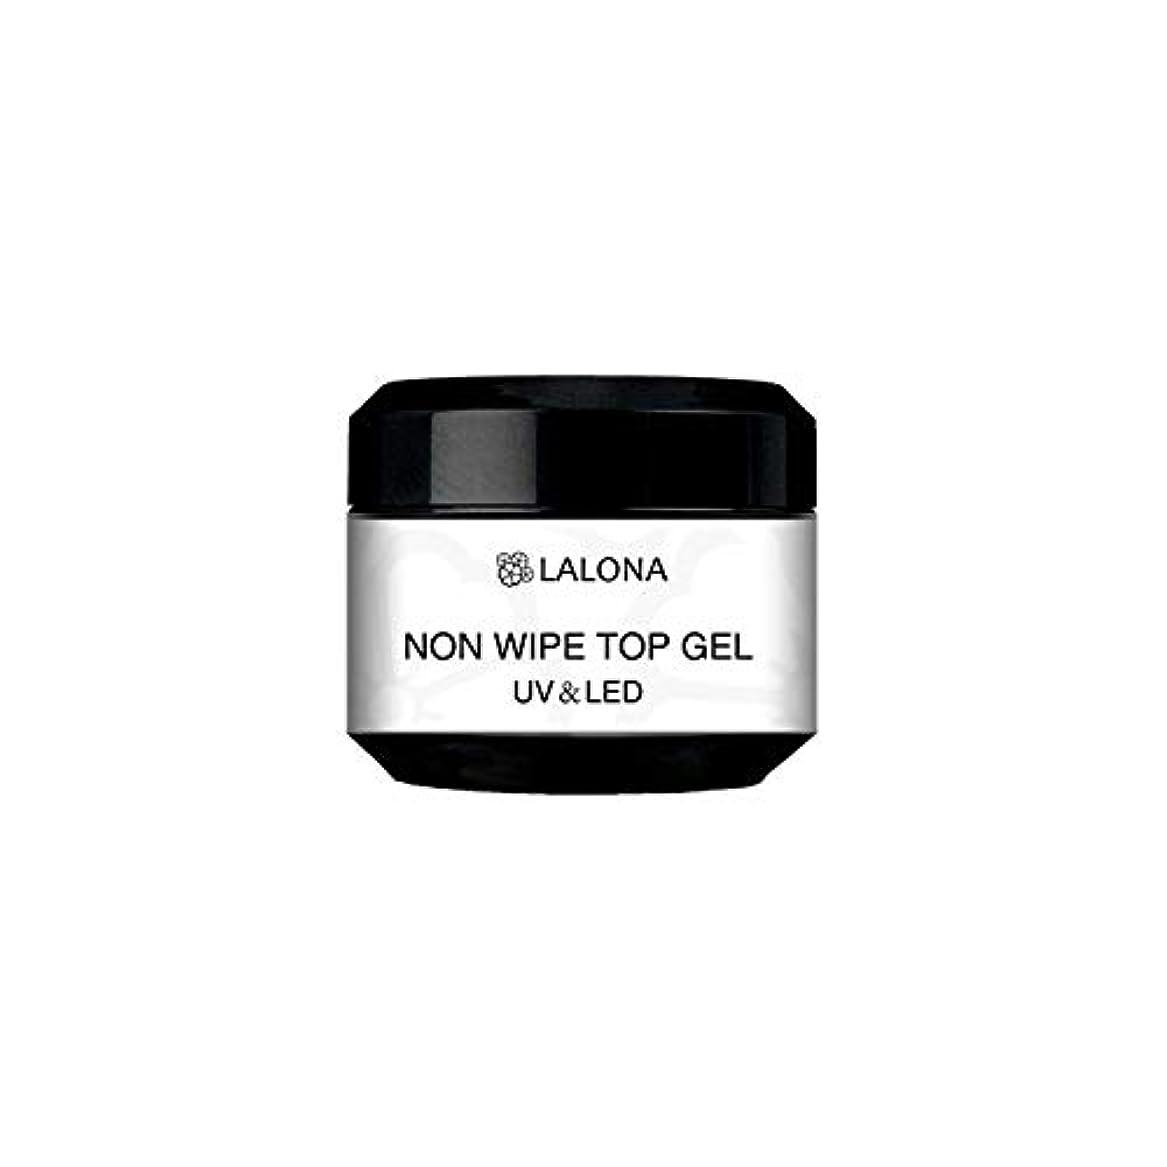 混沌恒久的垂直LALONA [ ラローナ ] ノンワイプトップジェル (30g) ジェルネイル セミハード トップコート 拭き取り不要 ノーワイプ ソークオフ レジン